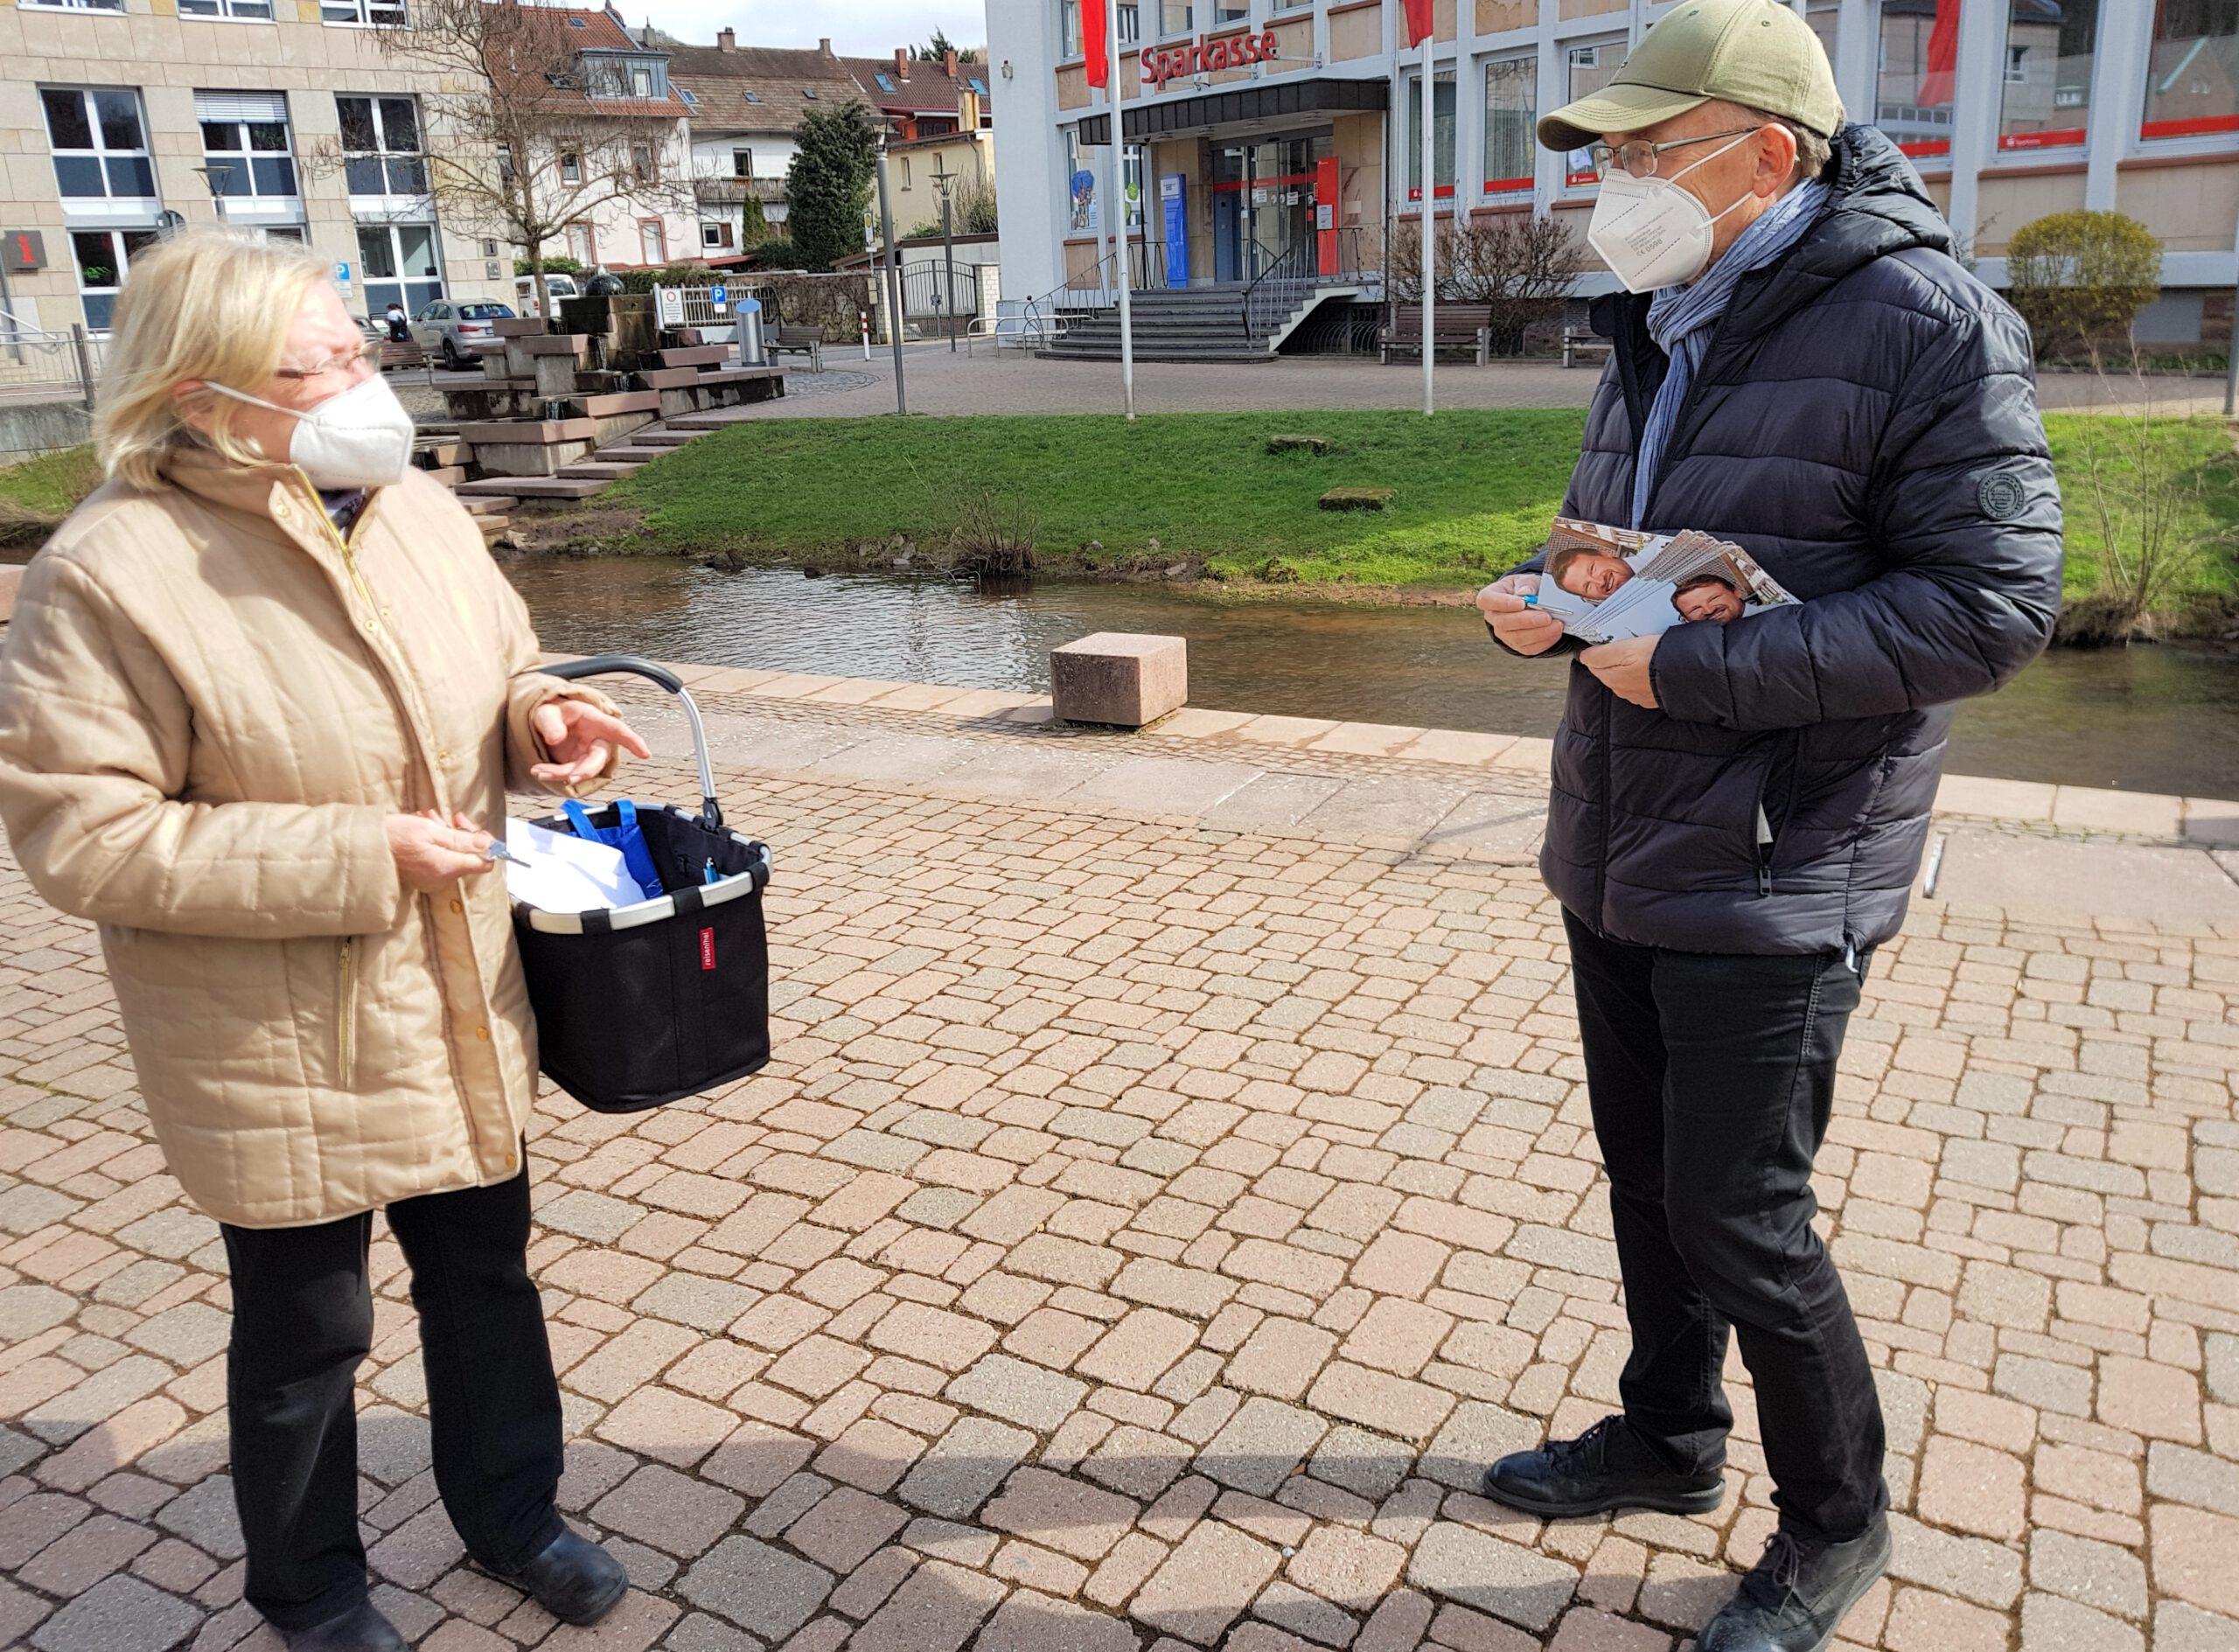 CDU-Direktkandidat Thomas WeinerDie Leute wissen zu unterscheiden